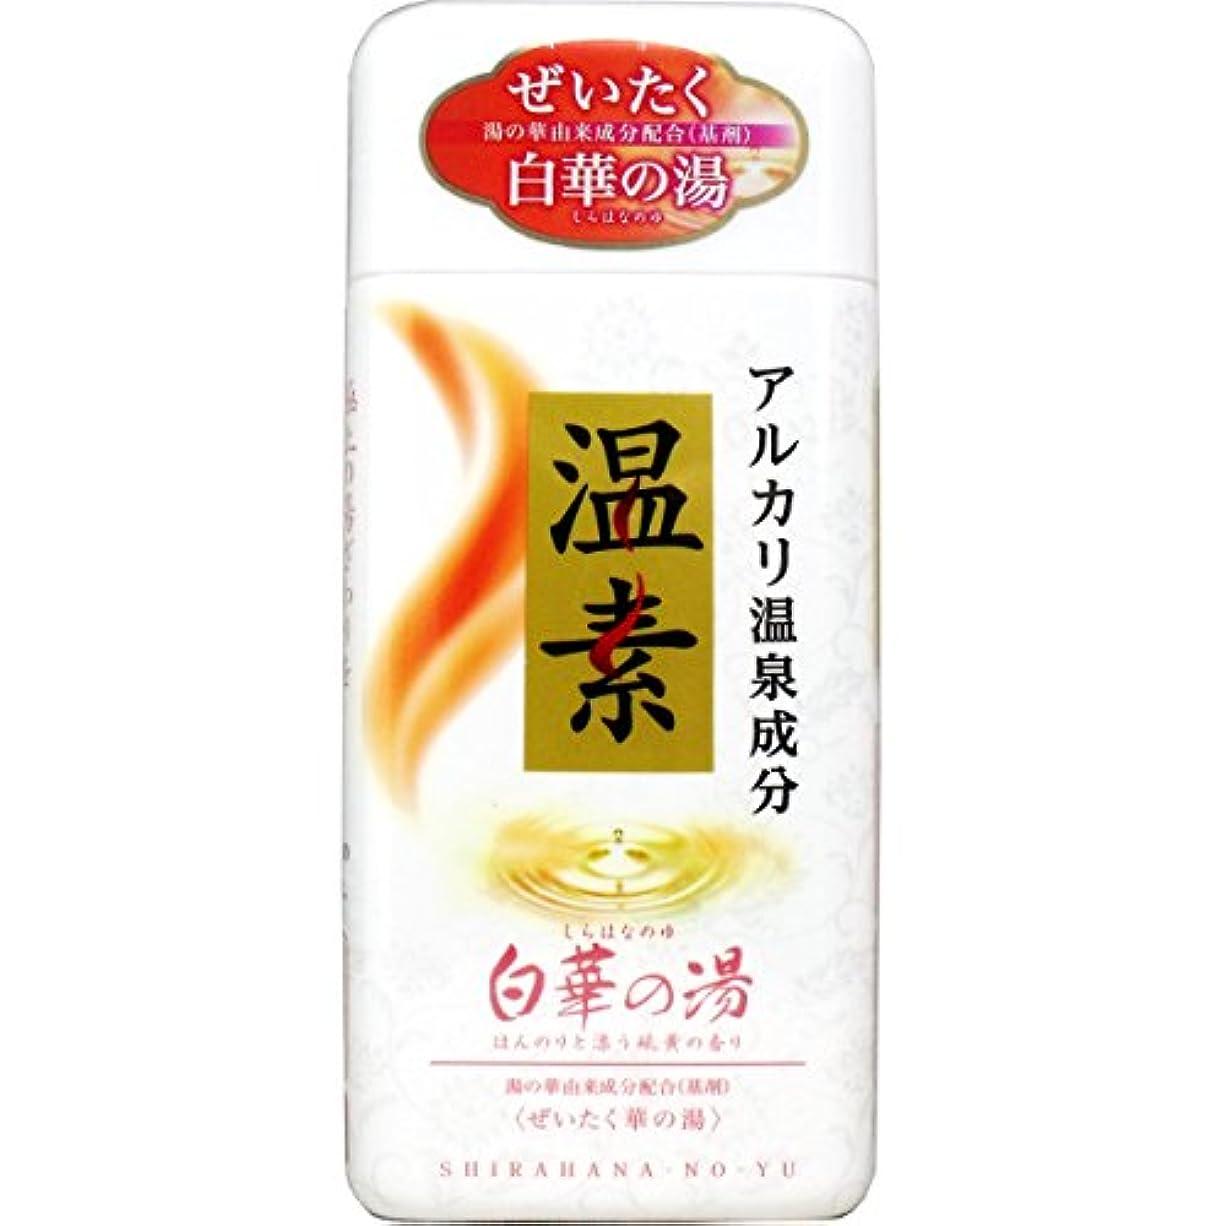 おとうさん修士号感じる入浴剤 ぜいたく華の湯 リラックス用品 アルカリ温泉成分 温素 入浴剤 白華の湯 硫黄の香り 600g入